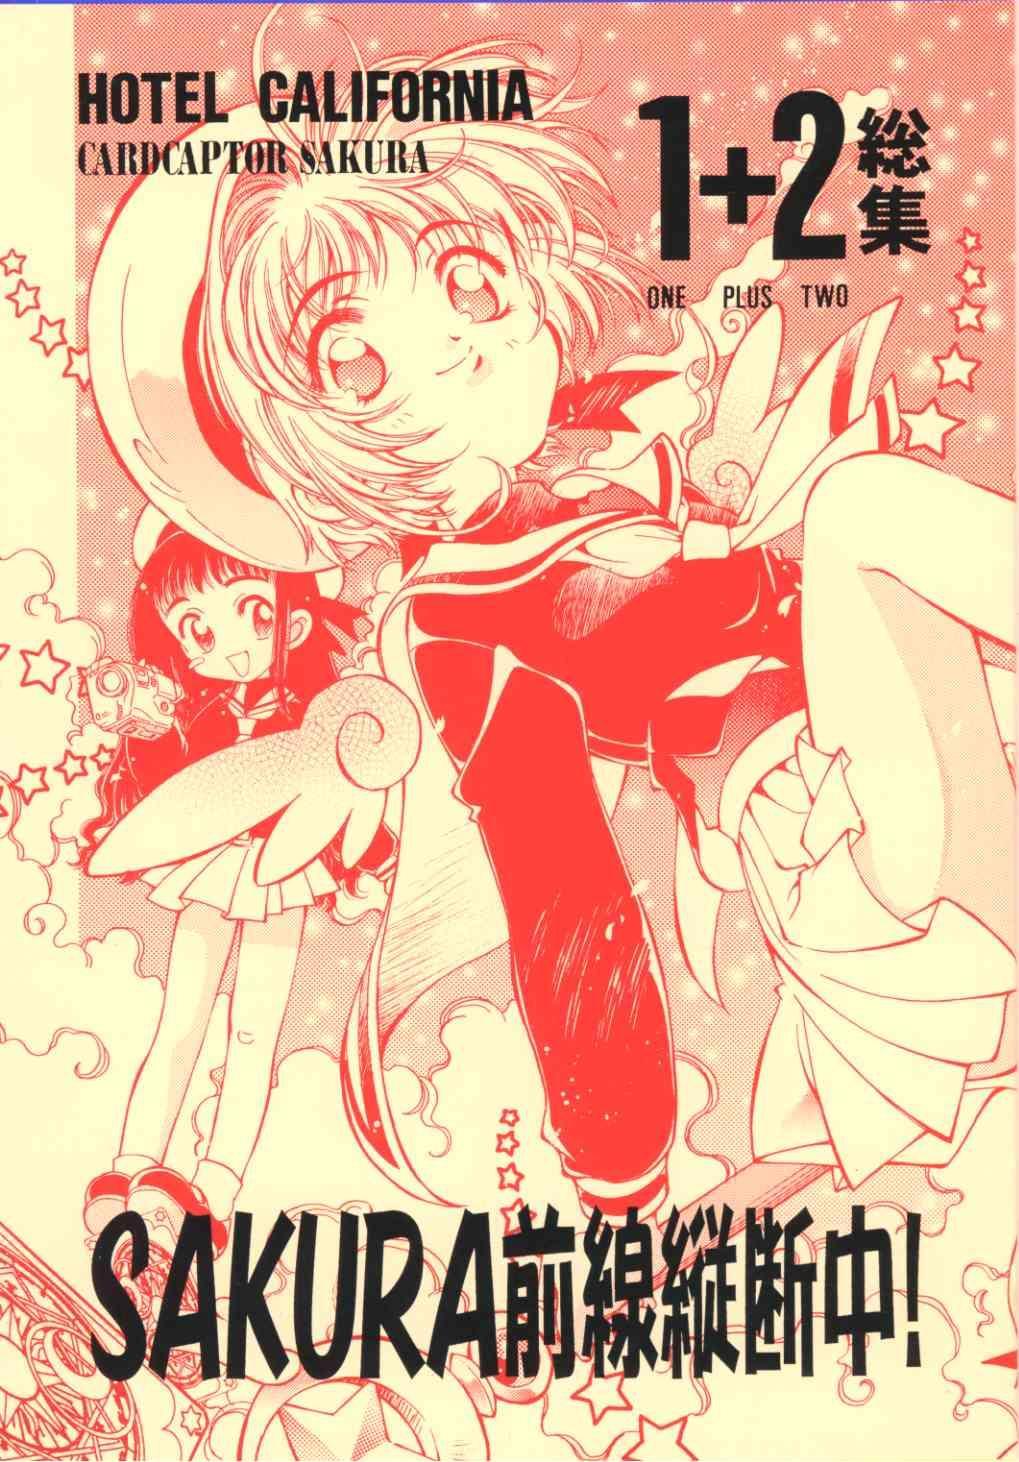 Sakura Zensen Juudan Naka! 1+2 Soushuu 0